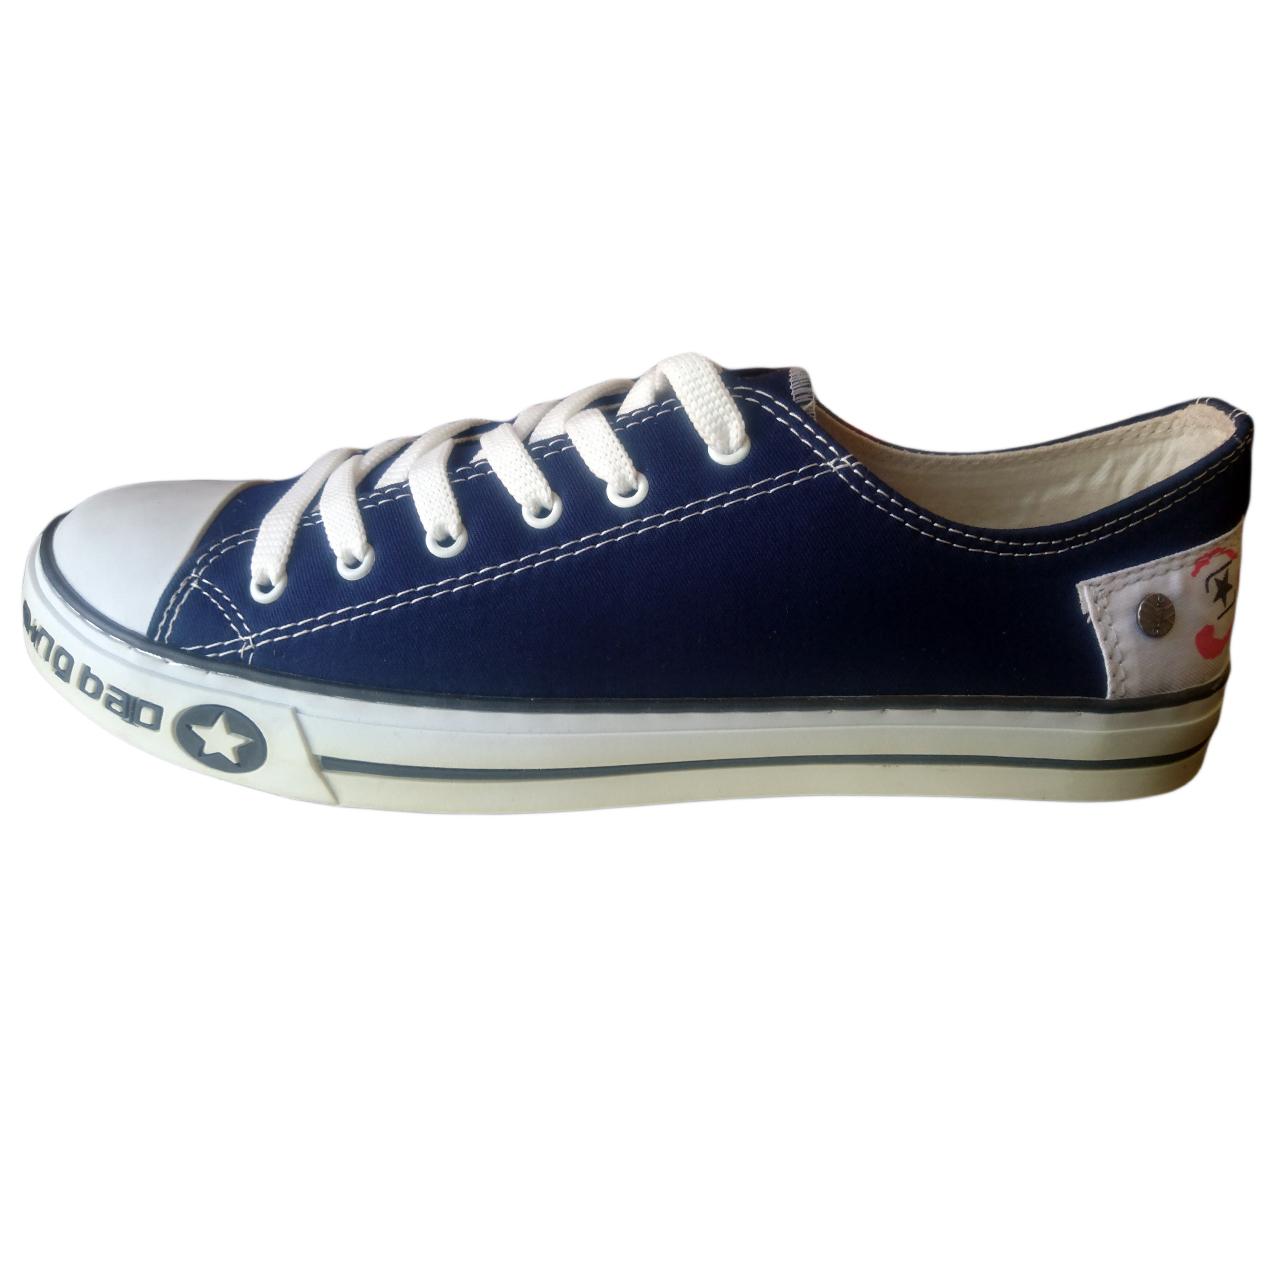 کفش راحتی کانورس مدل All Star ming bao